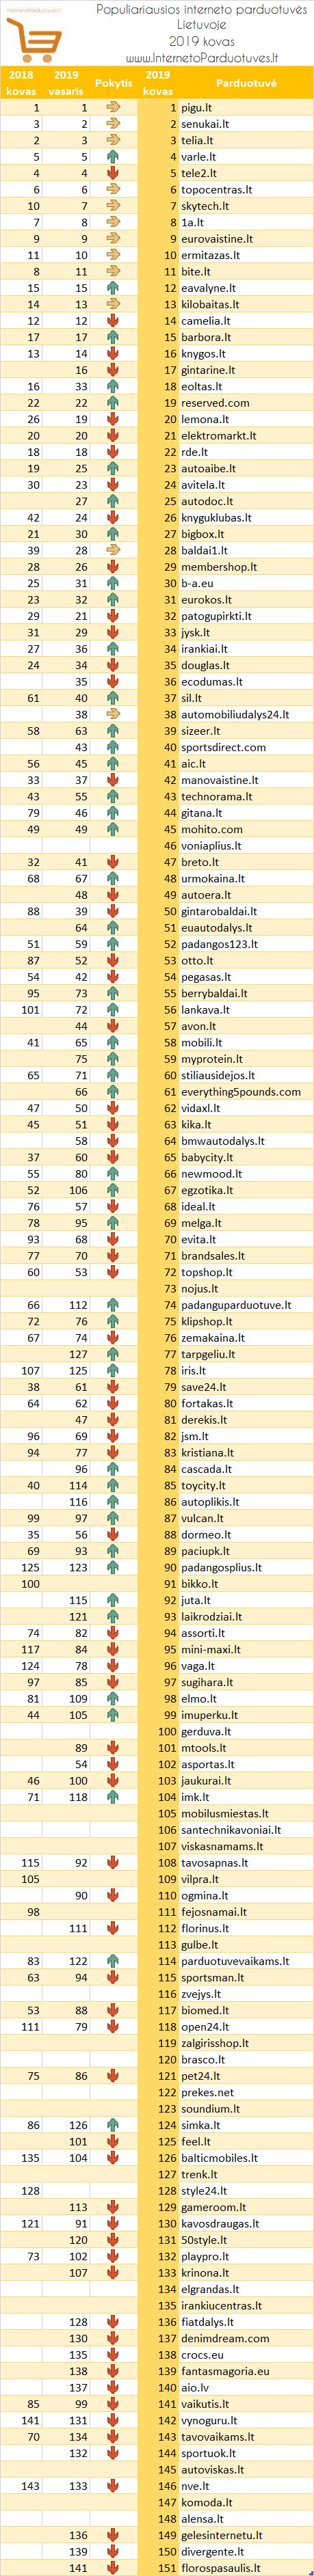 Populiariausių elektroninių parduotuvių Lietuvoje 2019 m. kovo mėn. reitingas